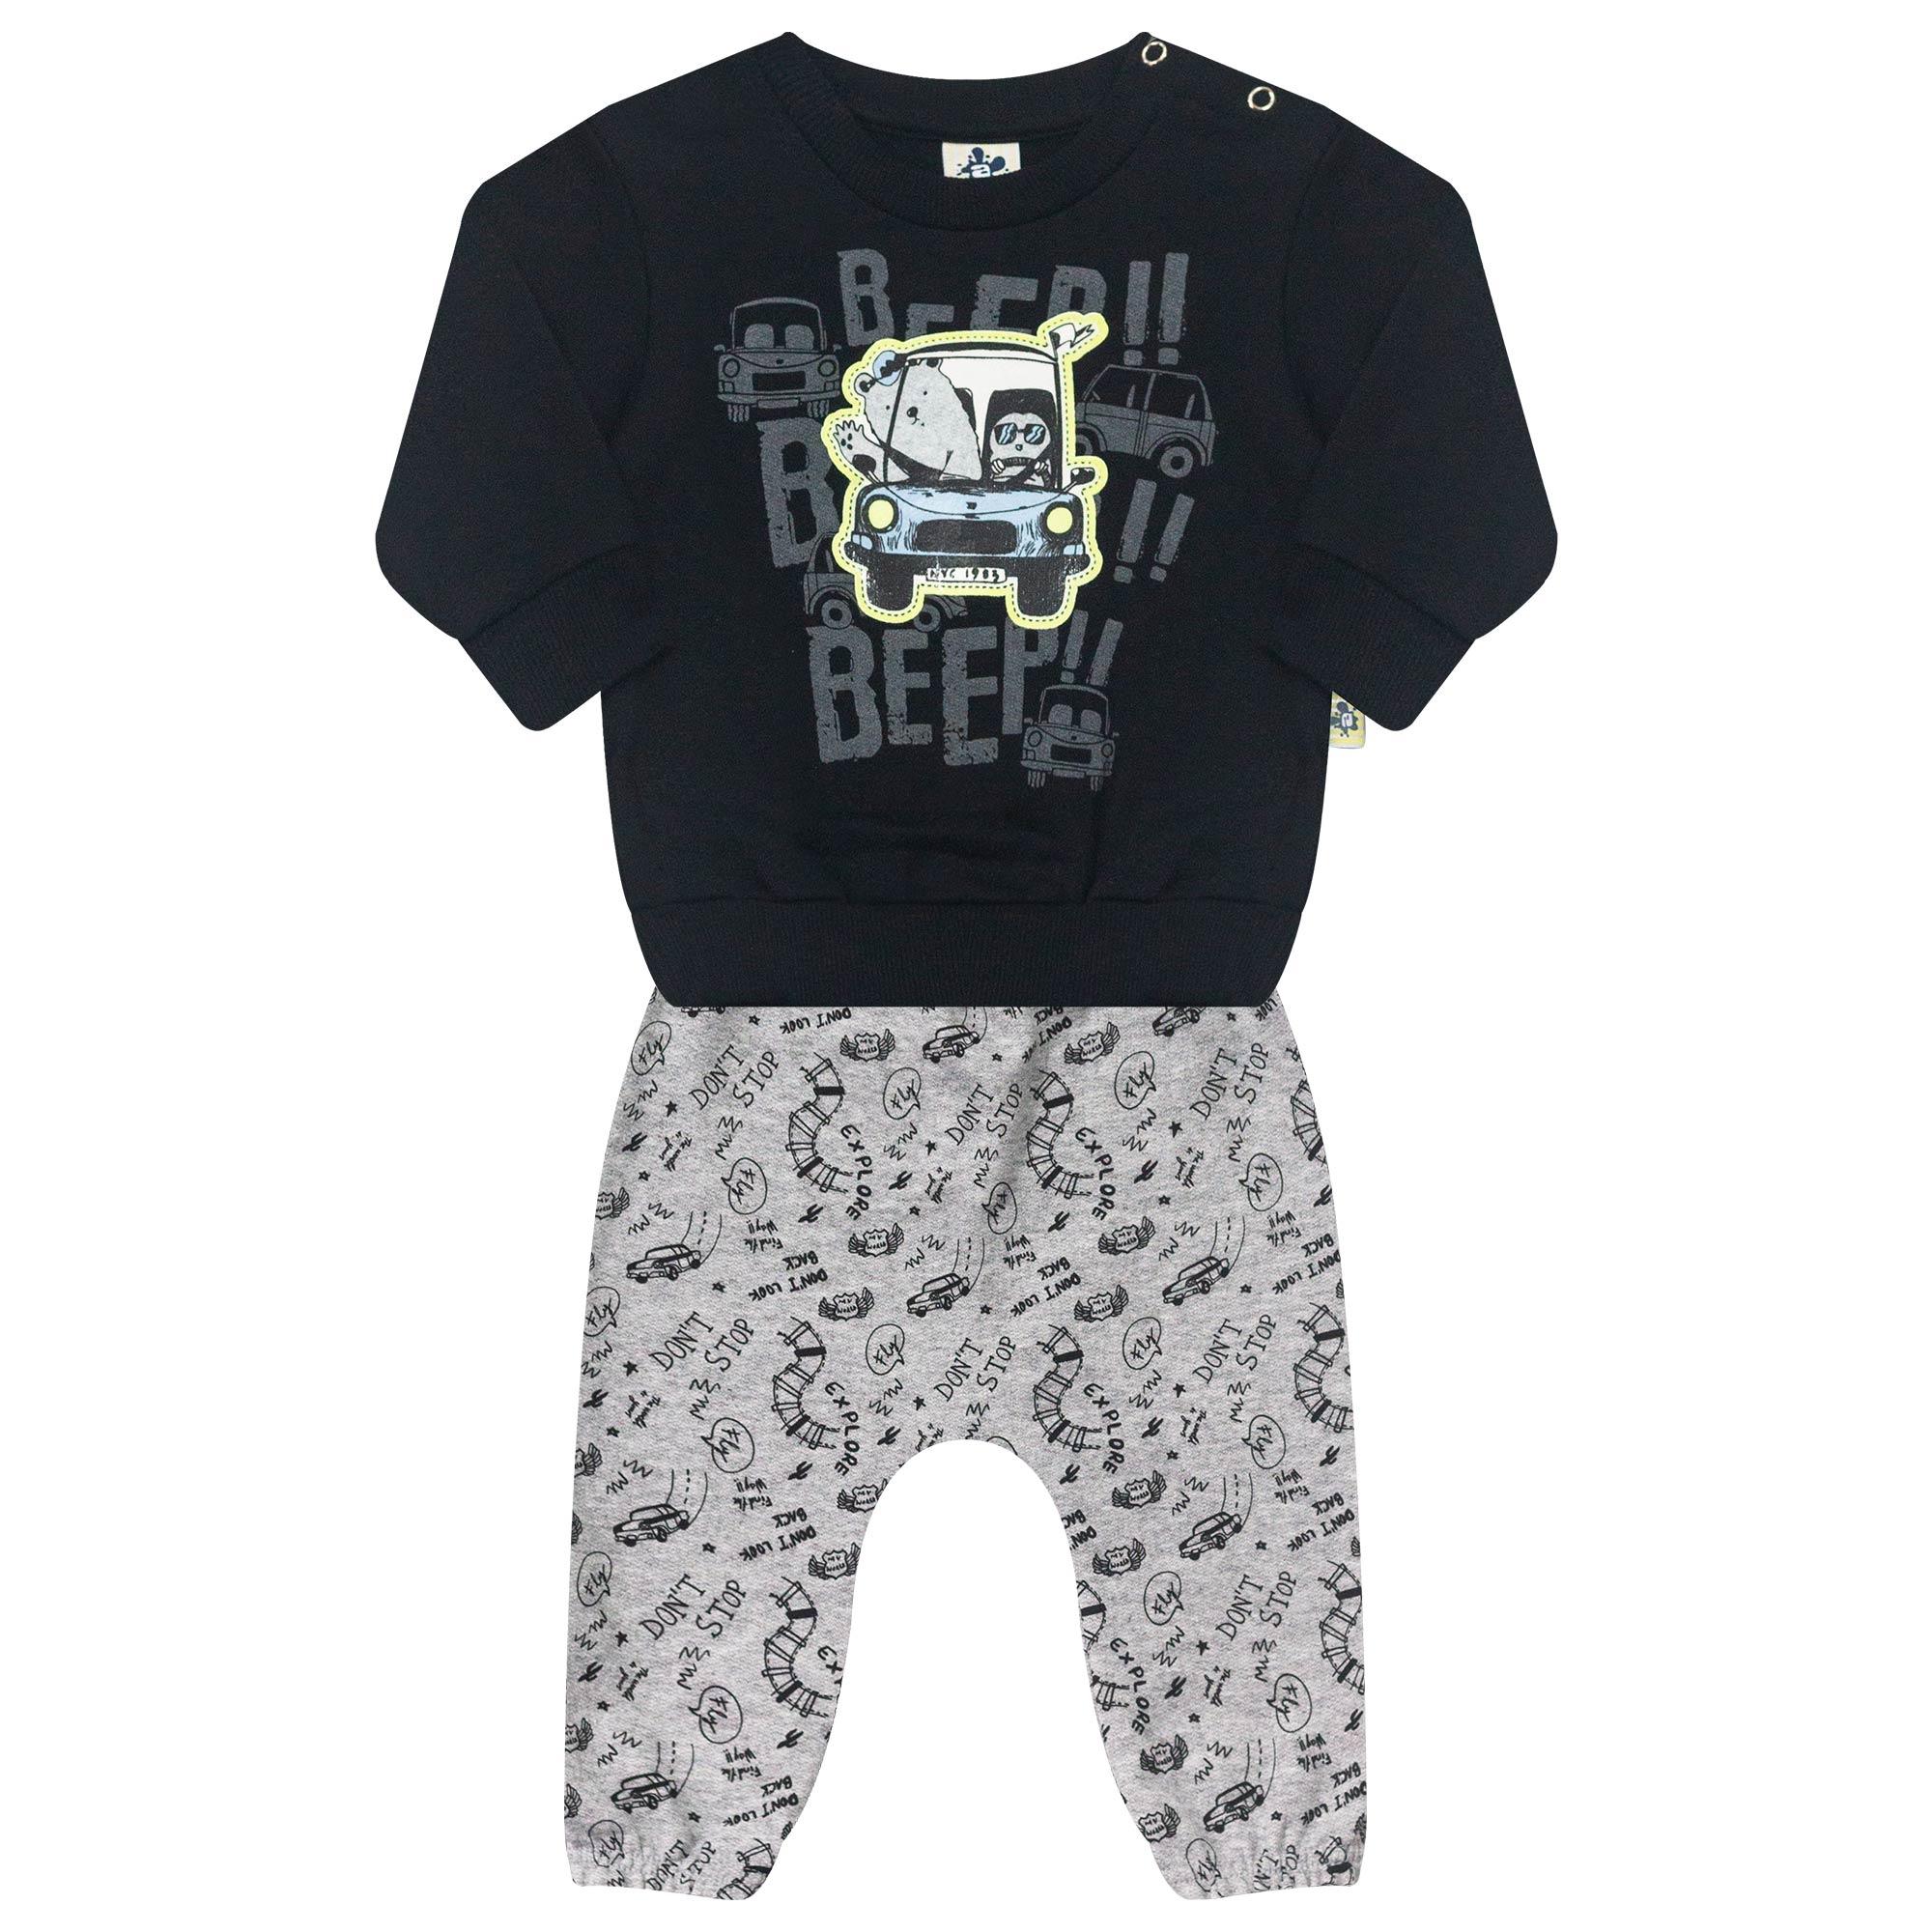 Conjunto Infantil para Bebê 2 peças - Ref 4942 - Preto/Mescla